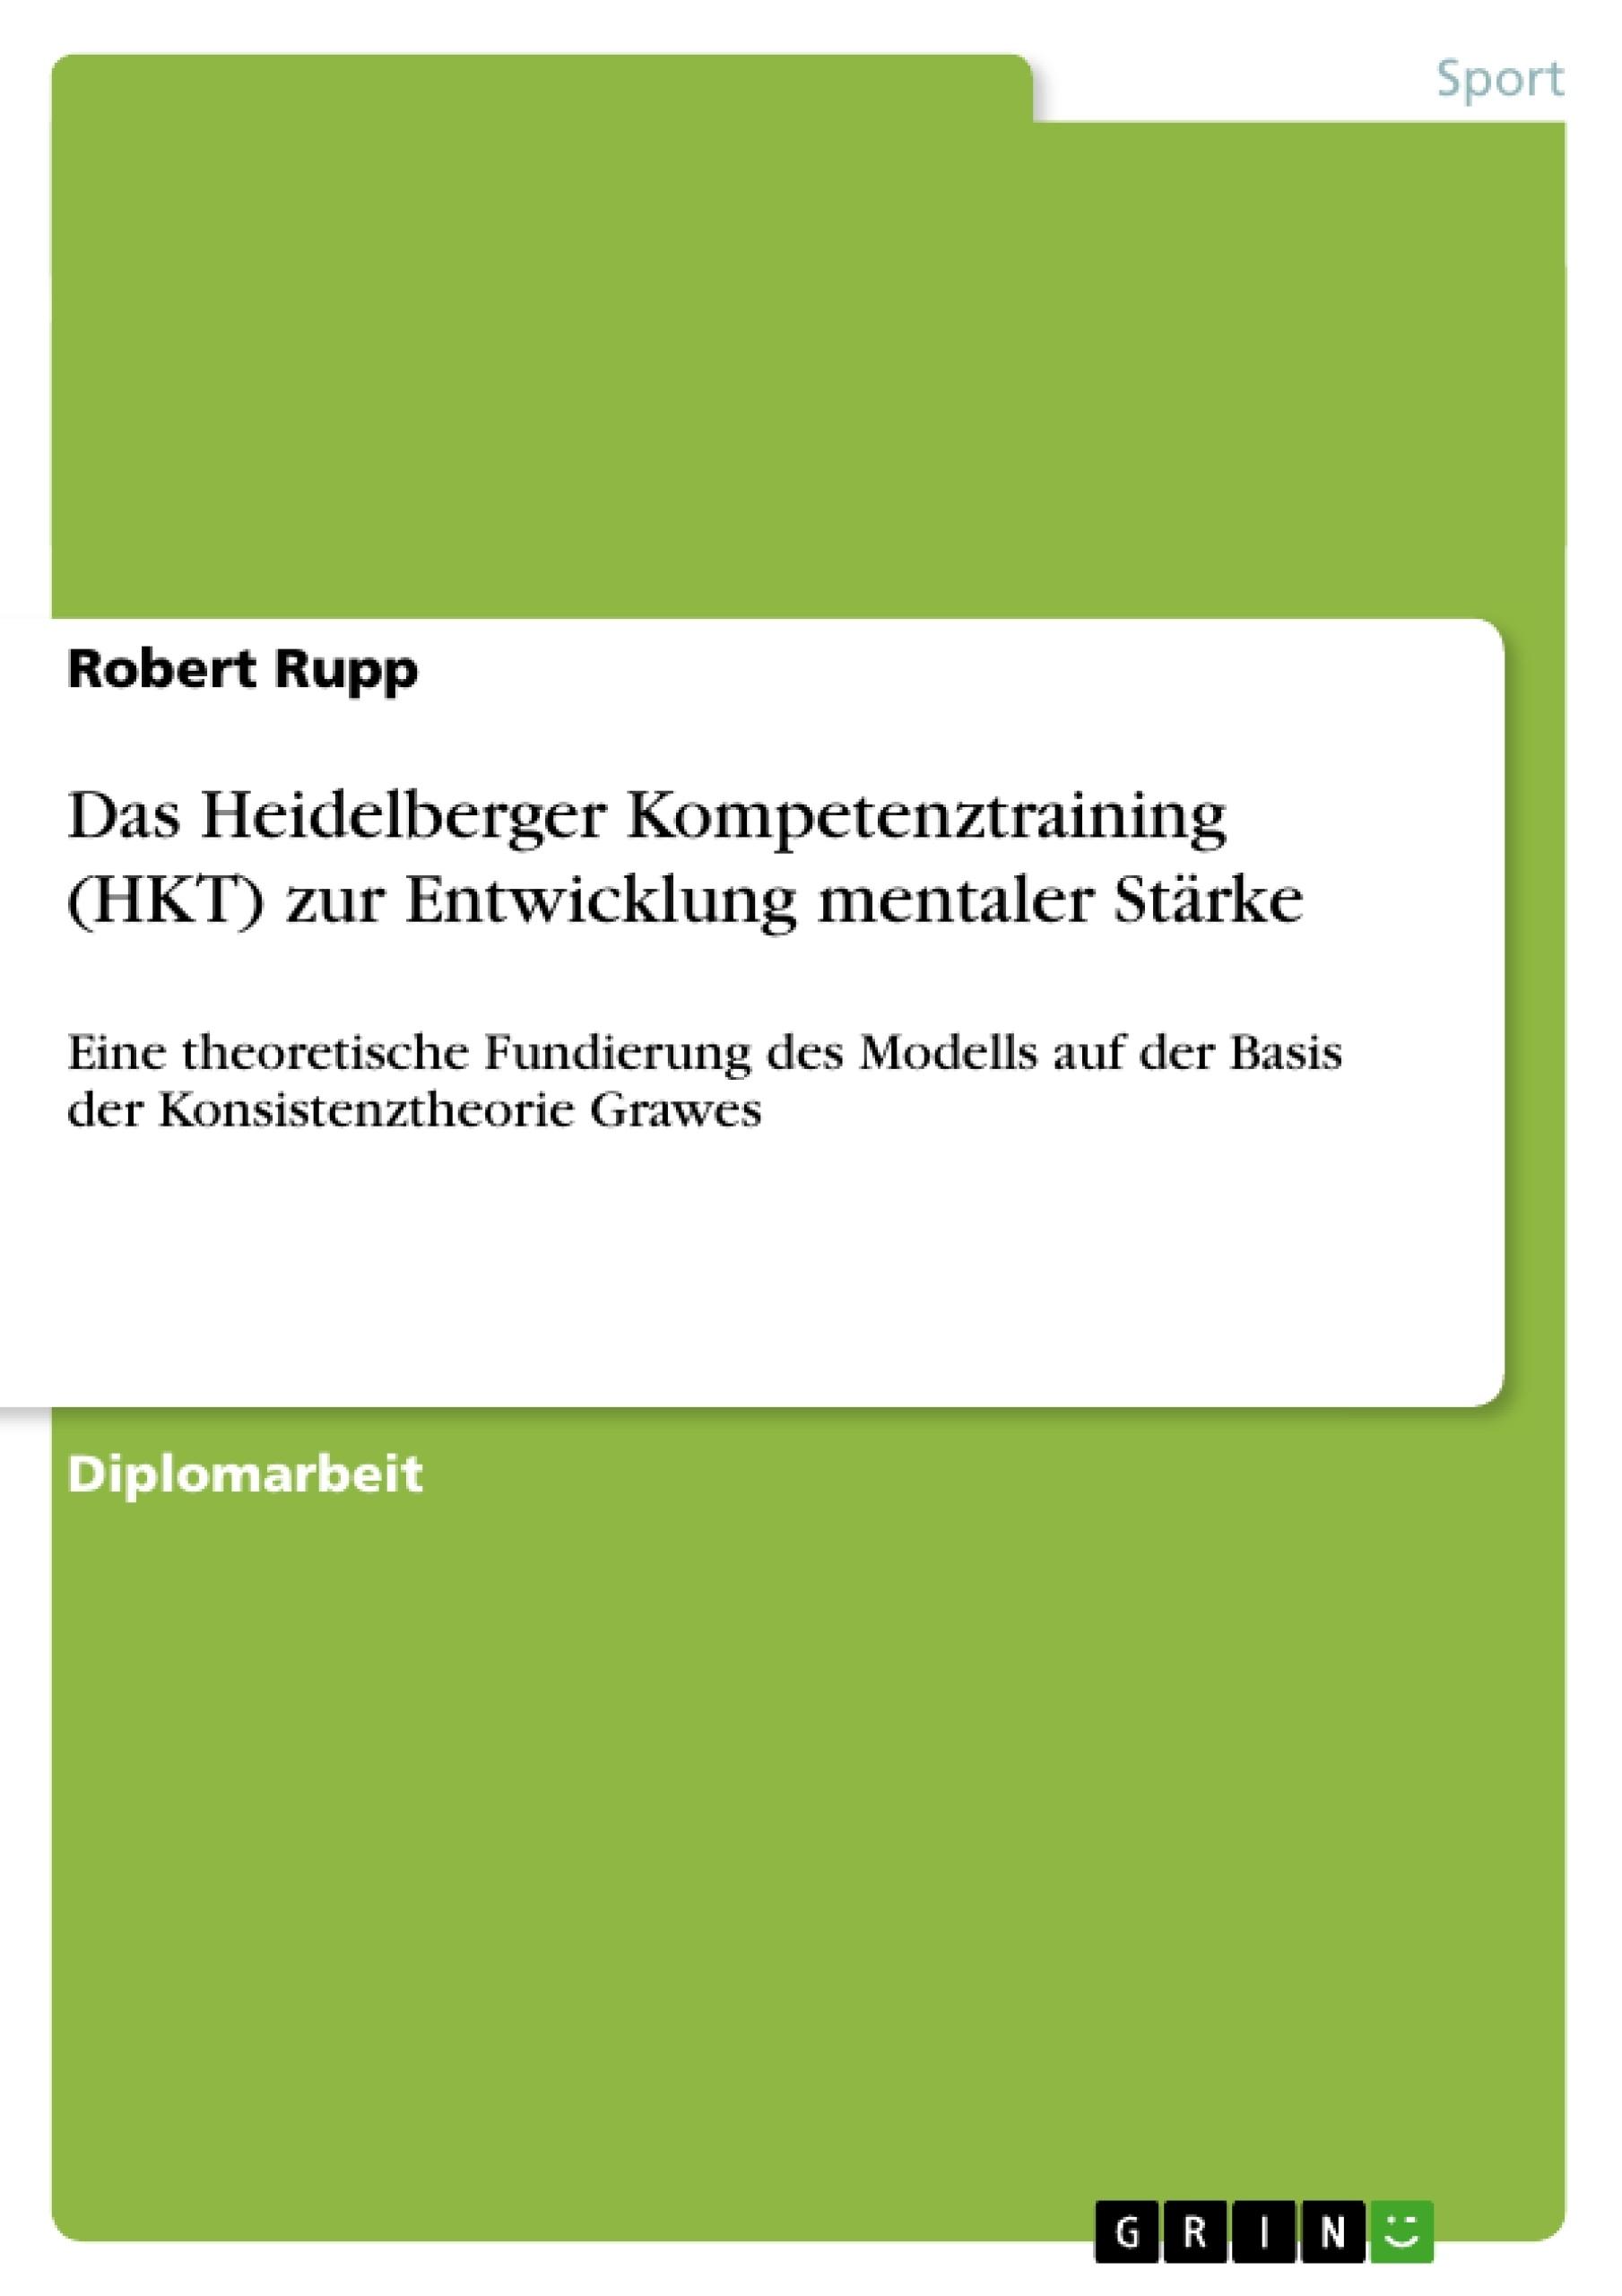 Titel: Das Heidelberger Kompetenztraining (HKT) zur Entwicklung mentaler Stärke